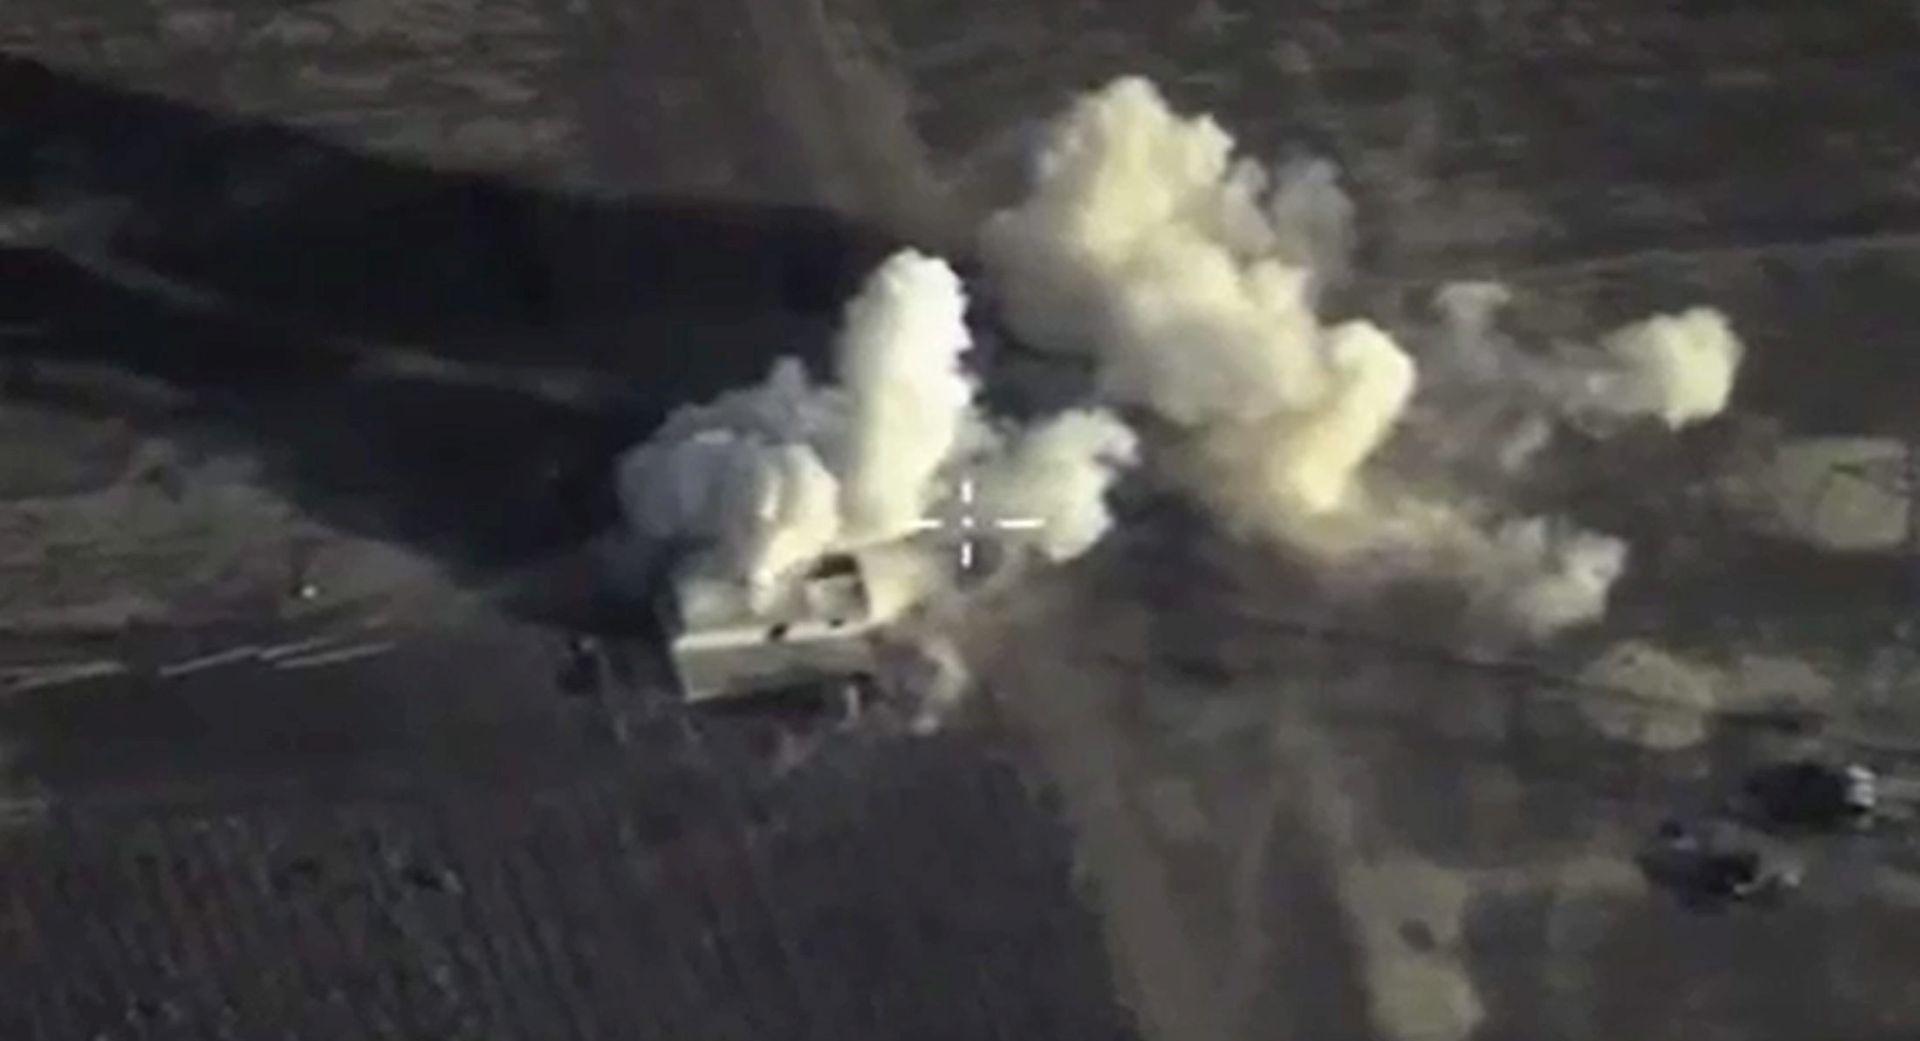 Zračni udari oslabljuju Islamsku državu, ali su nedovoljni